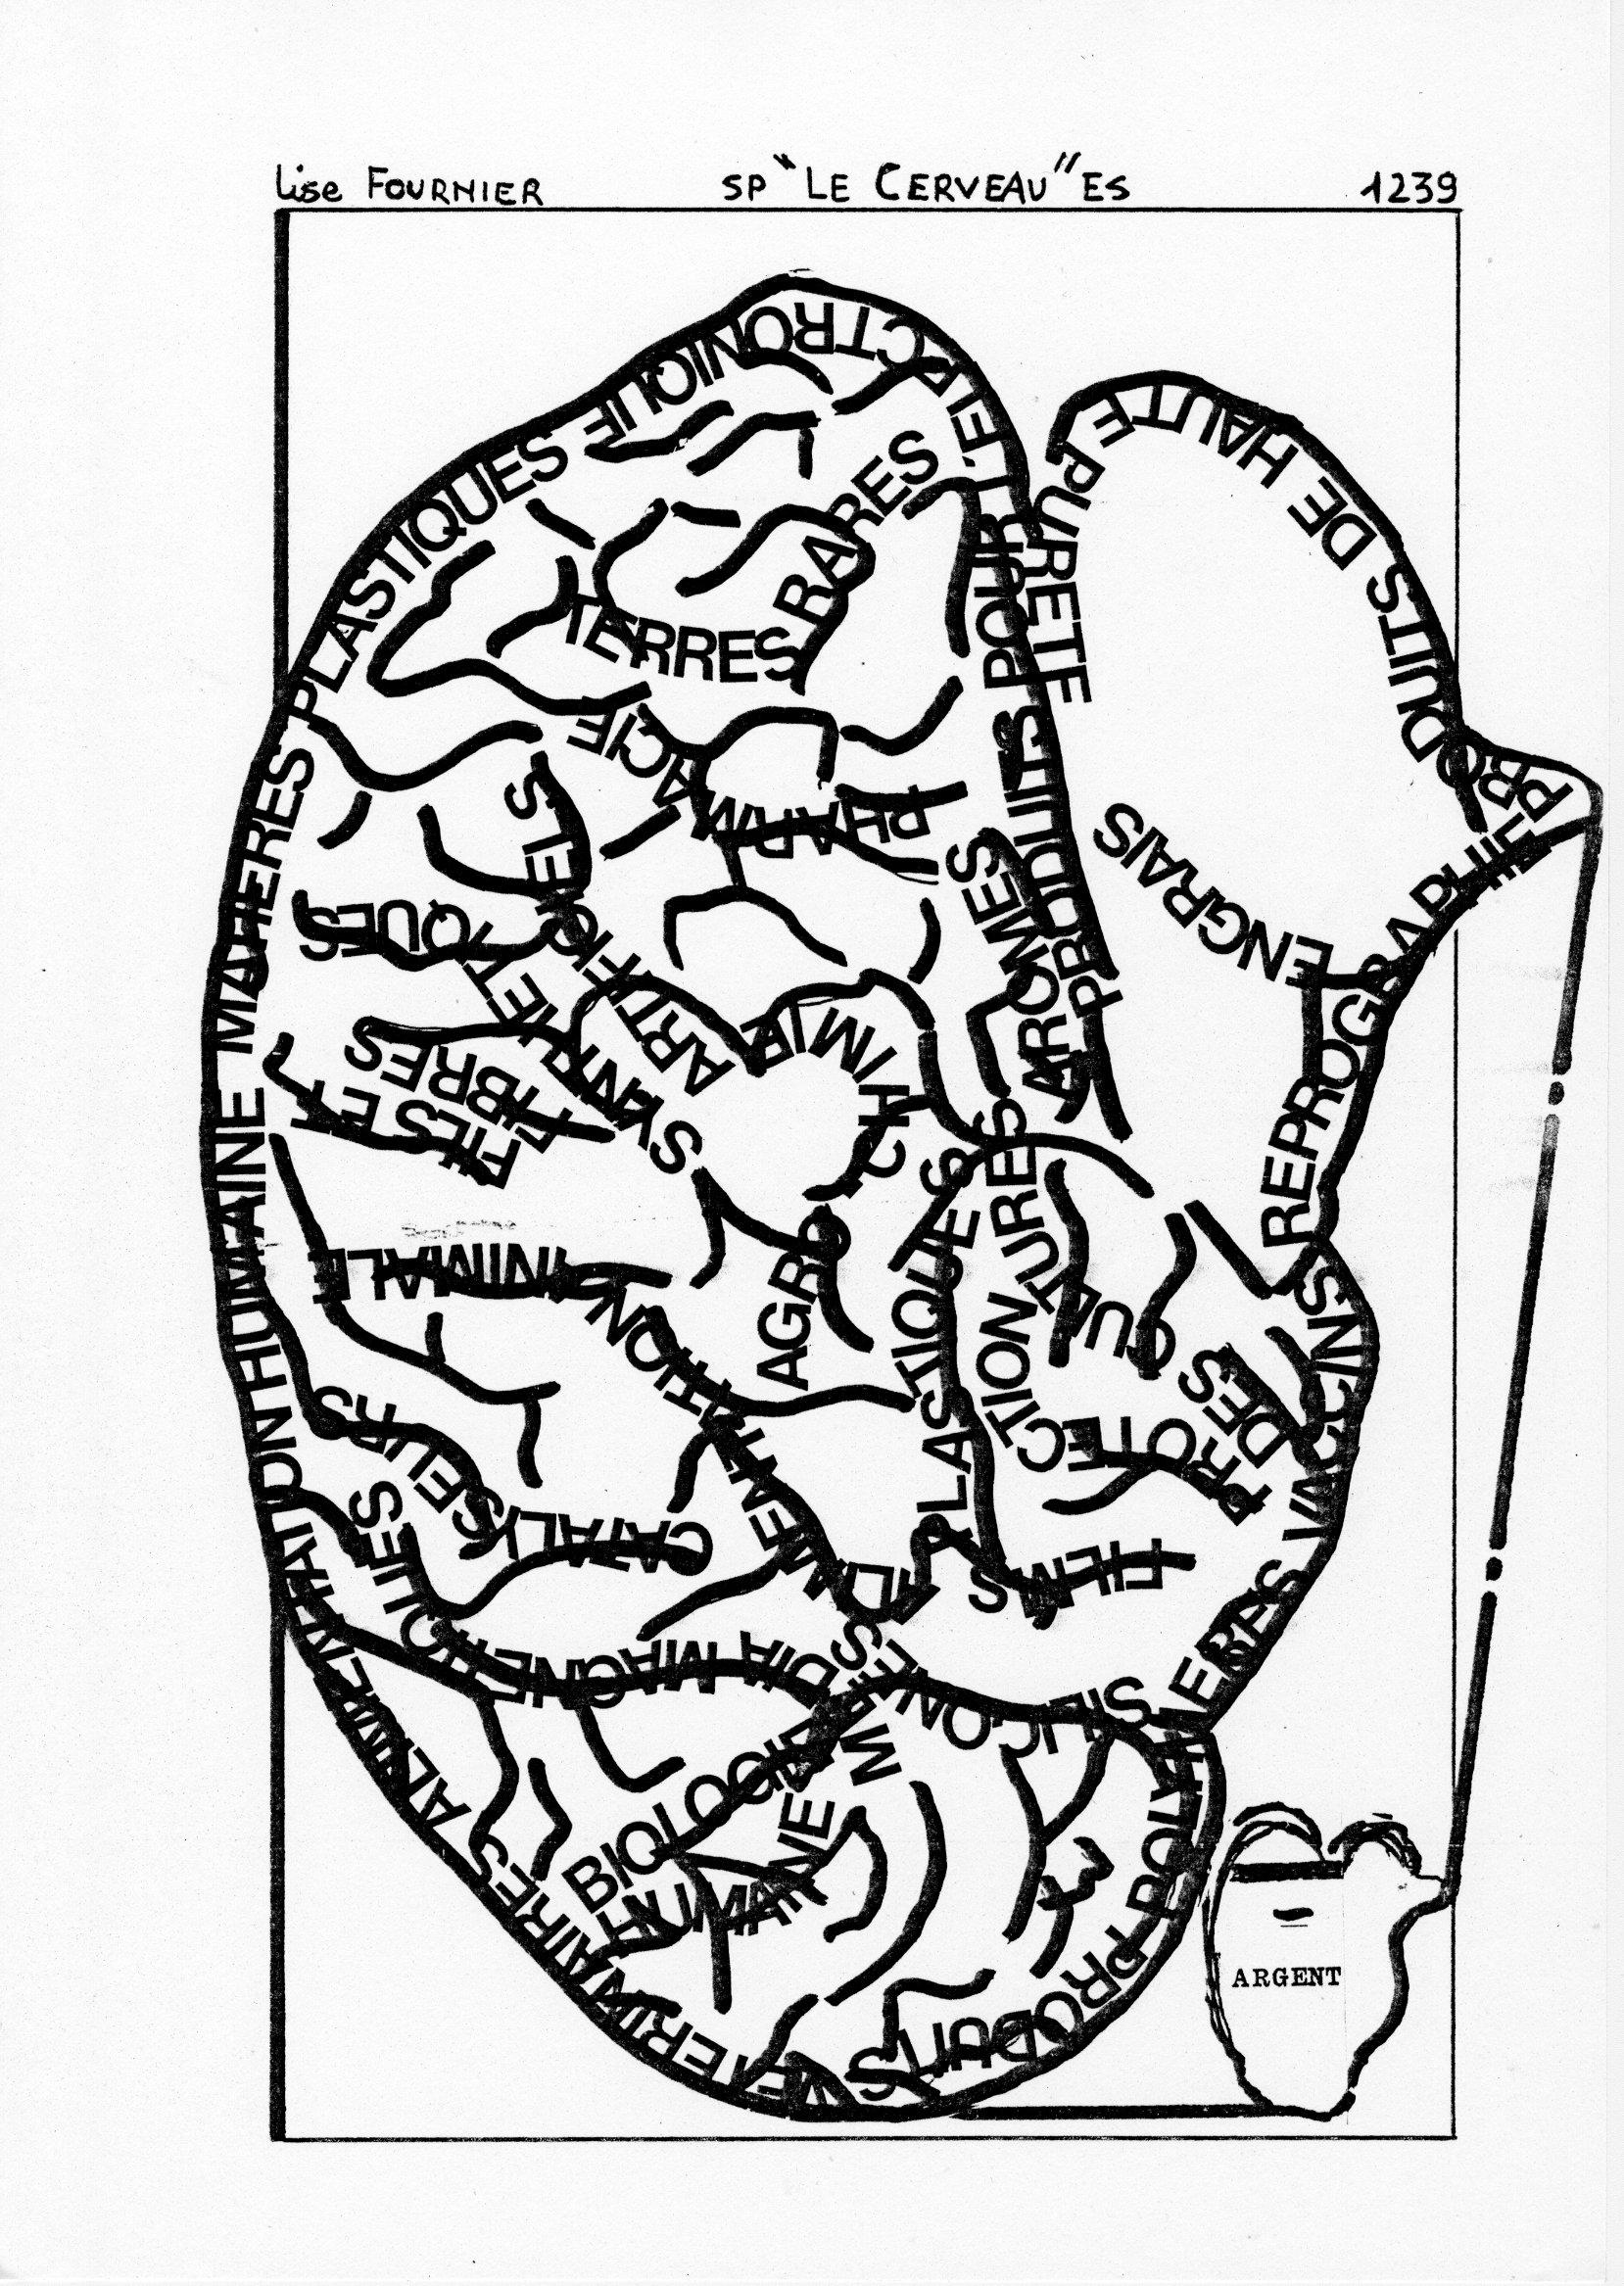 page 1239 L. Fournier SP -LE CERVEAU- ES